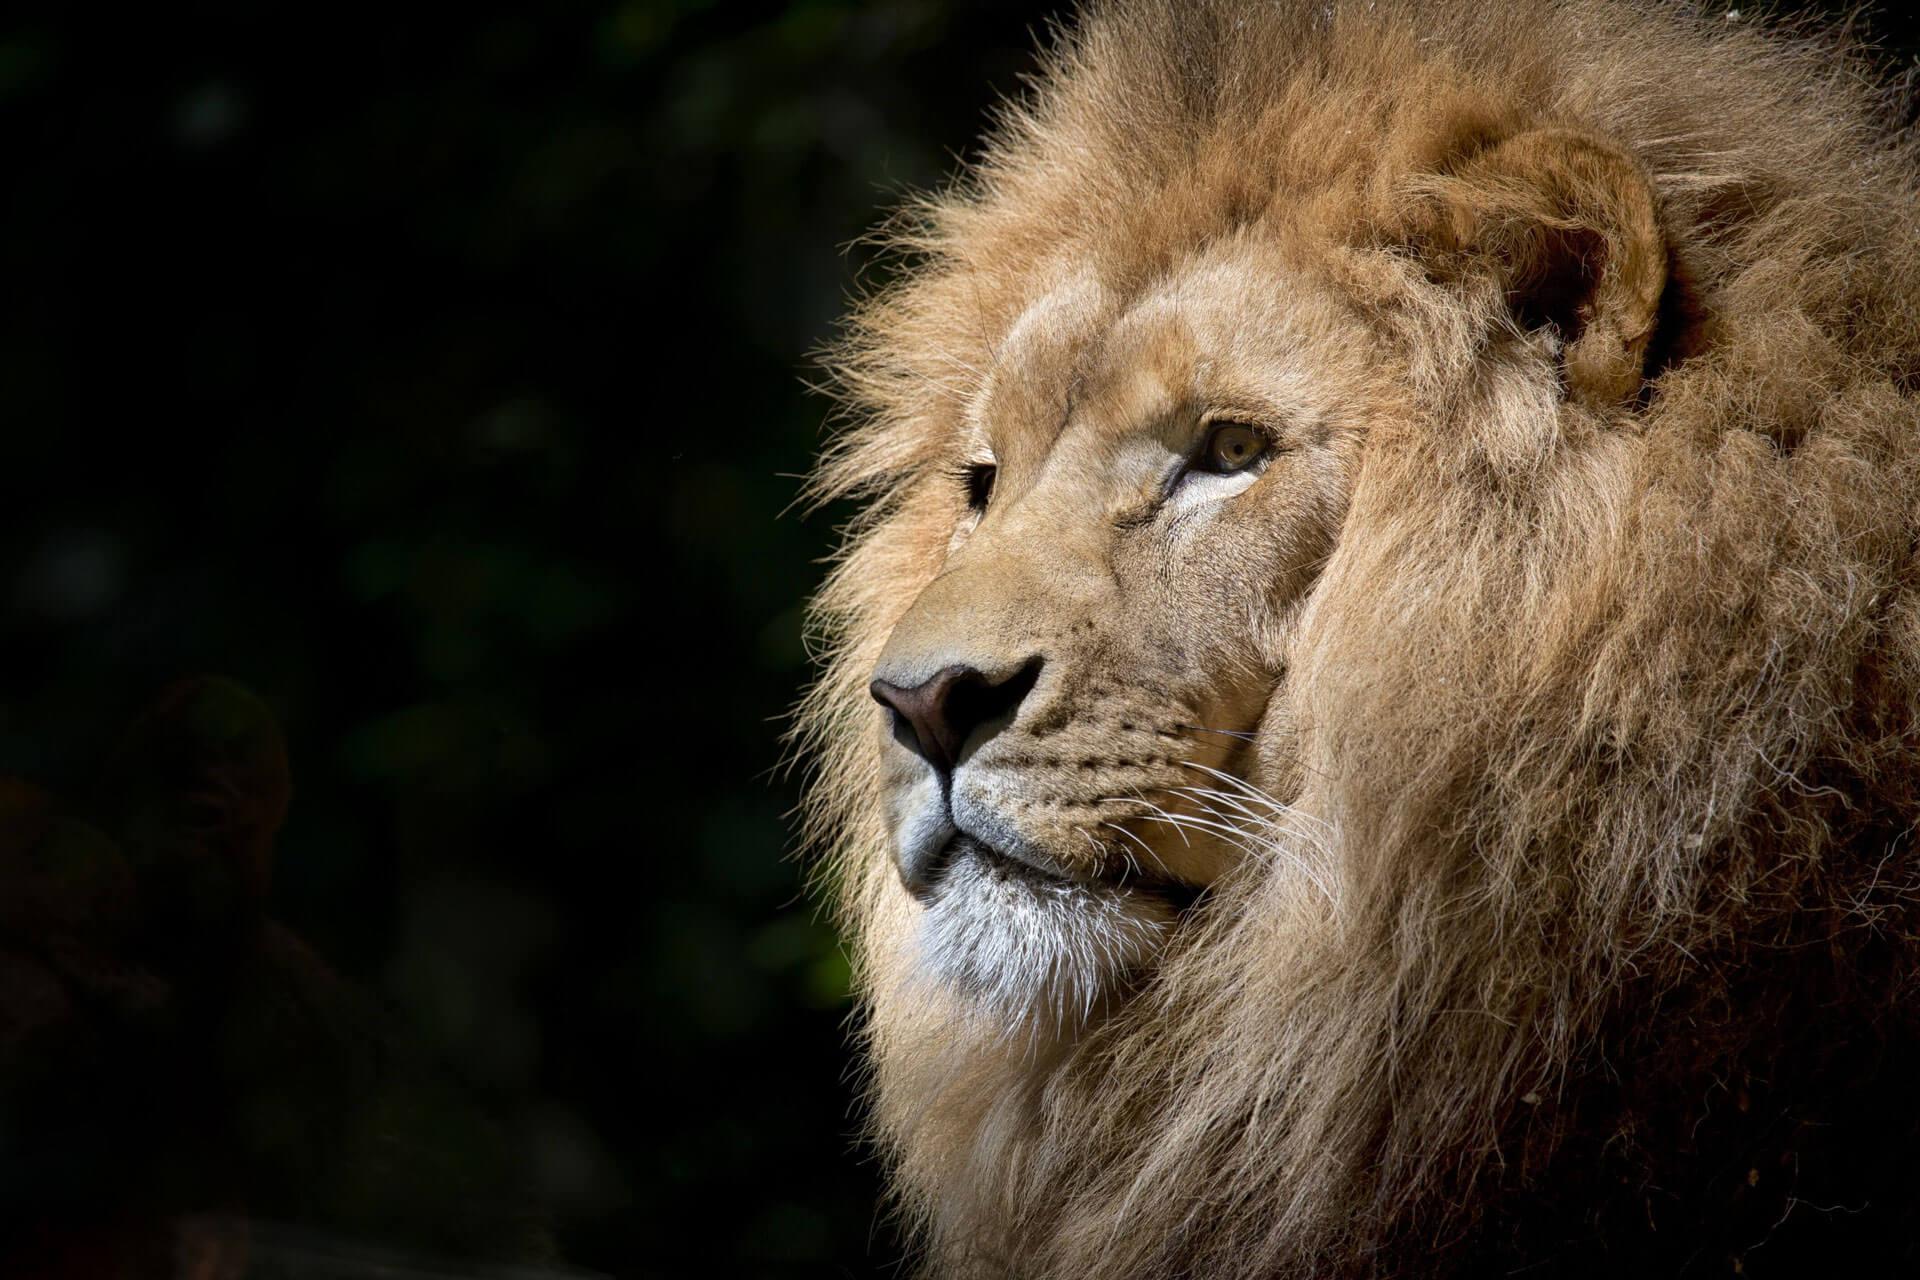 Ross-Pepper-Personal-Development-Lion